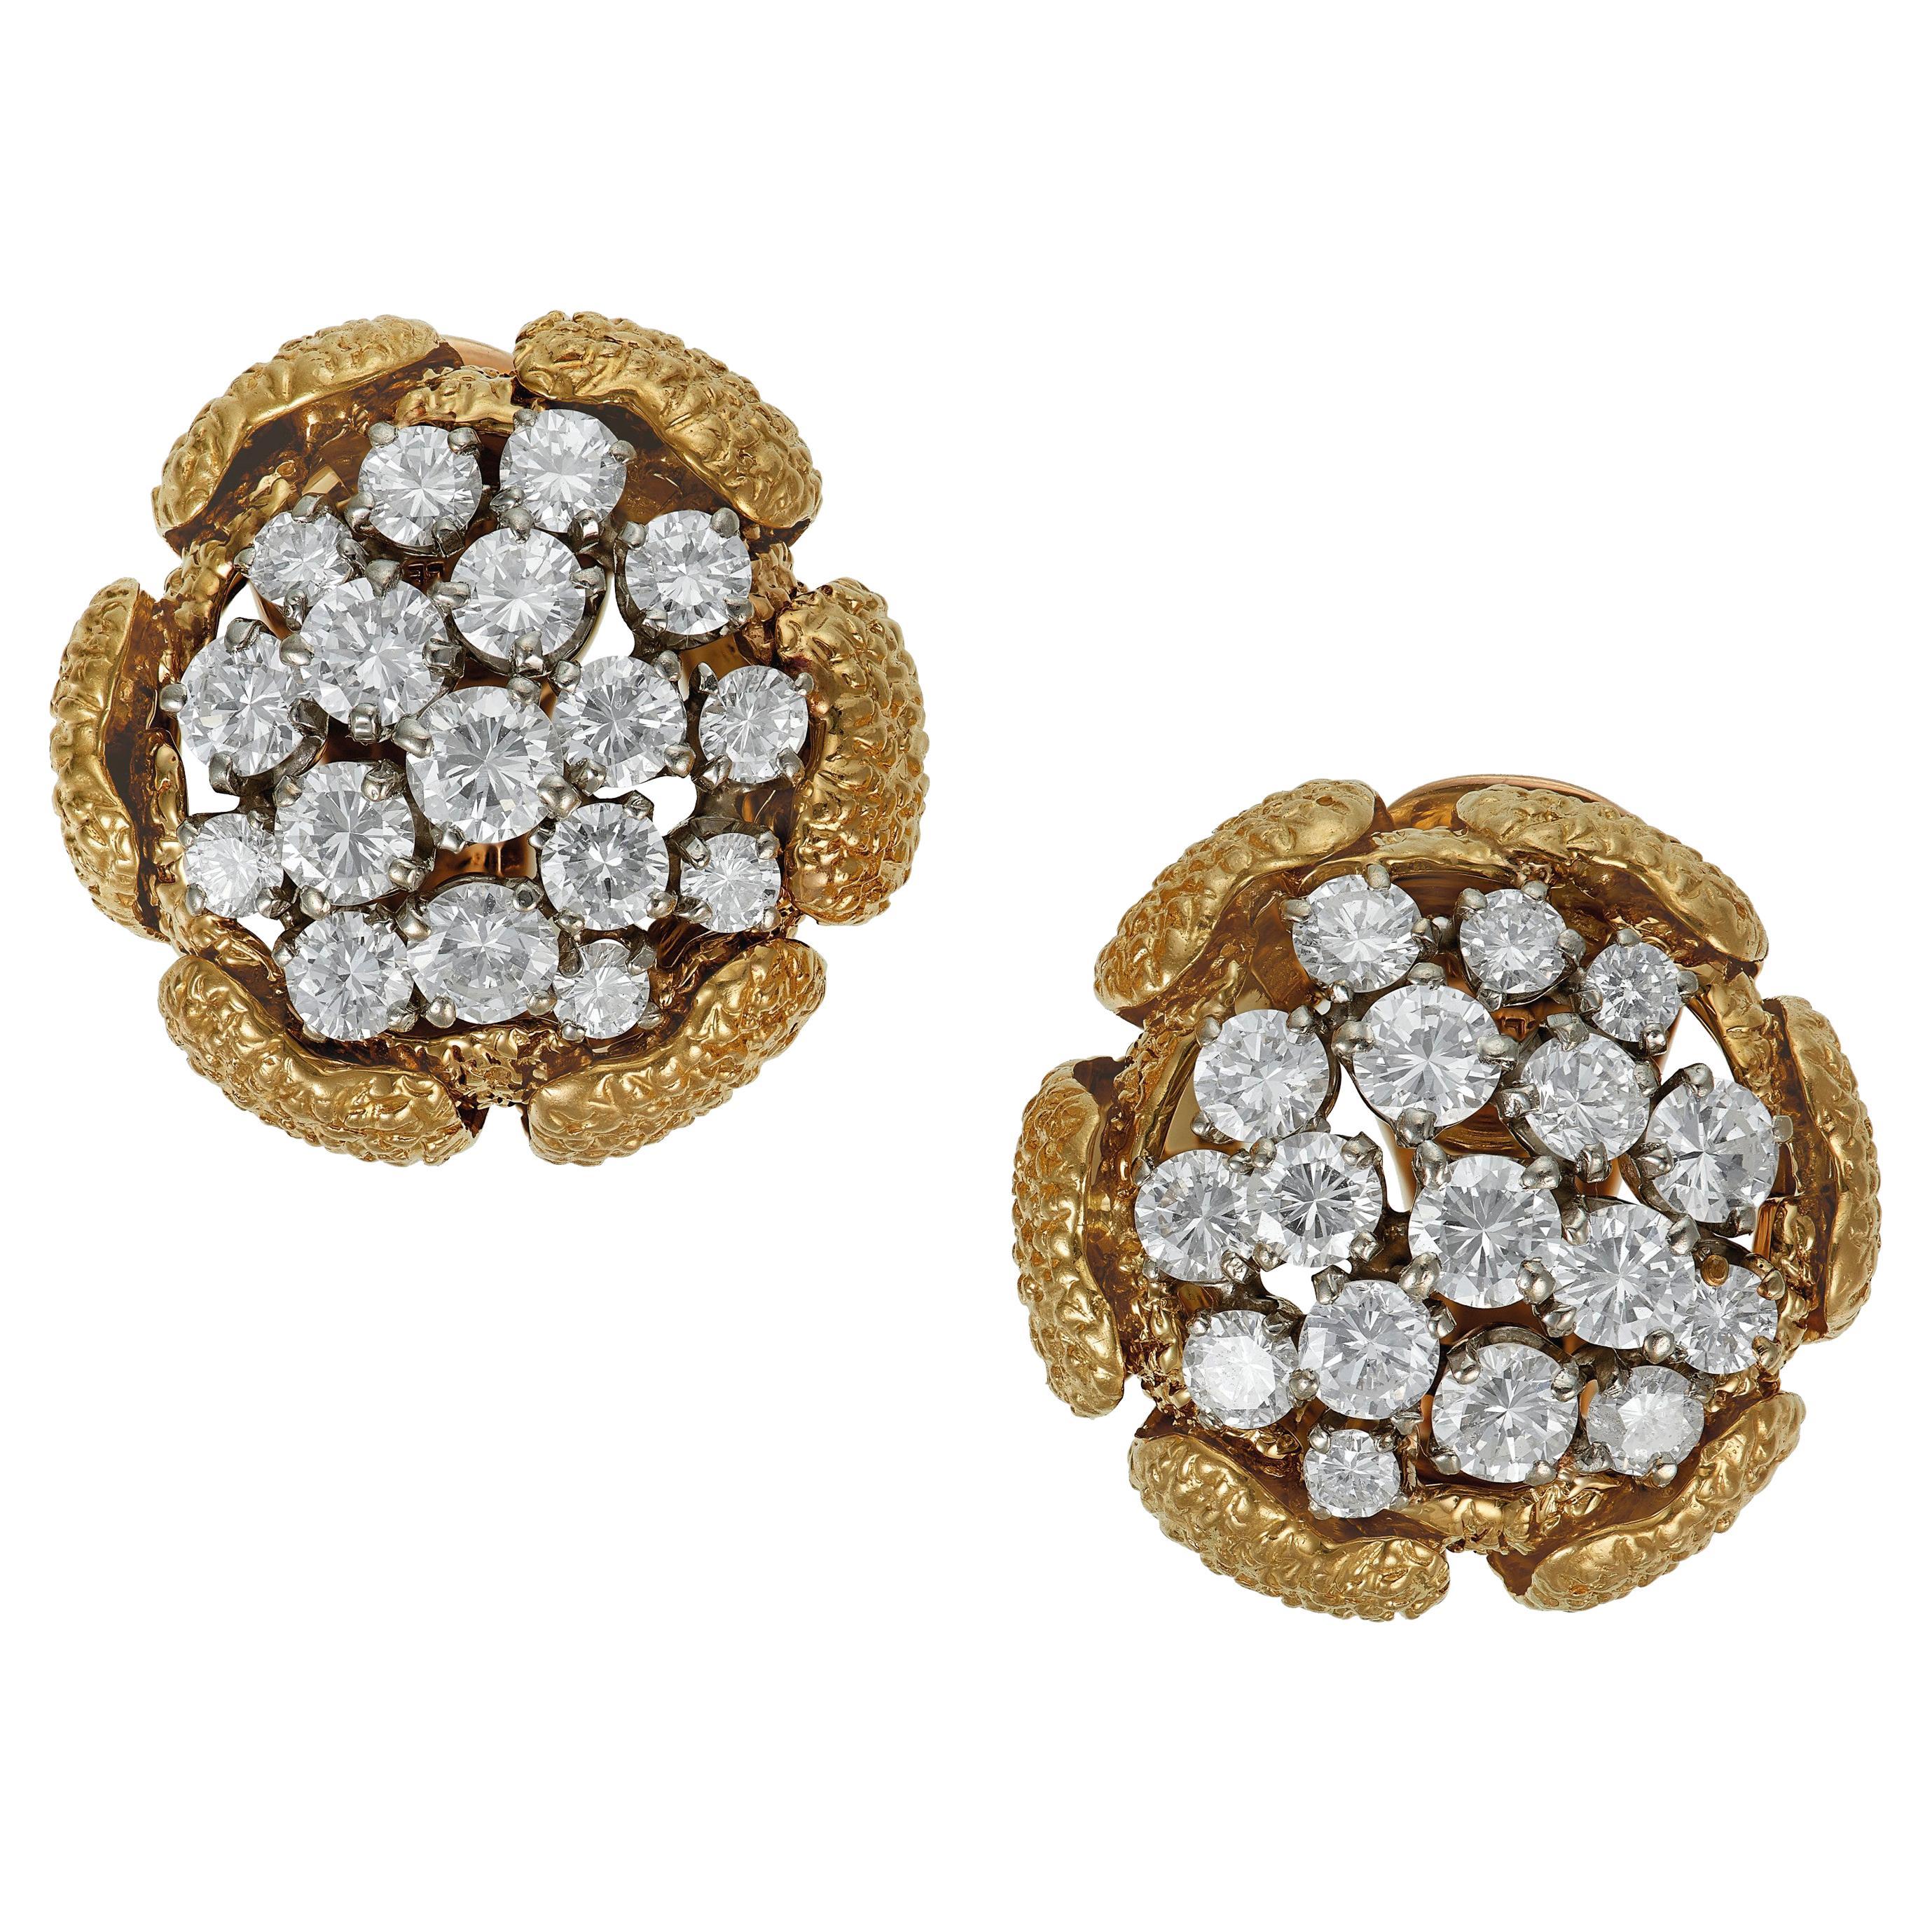 Van Cleef & Arpels Vintage Gold and Diamond Earrings